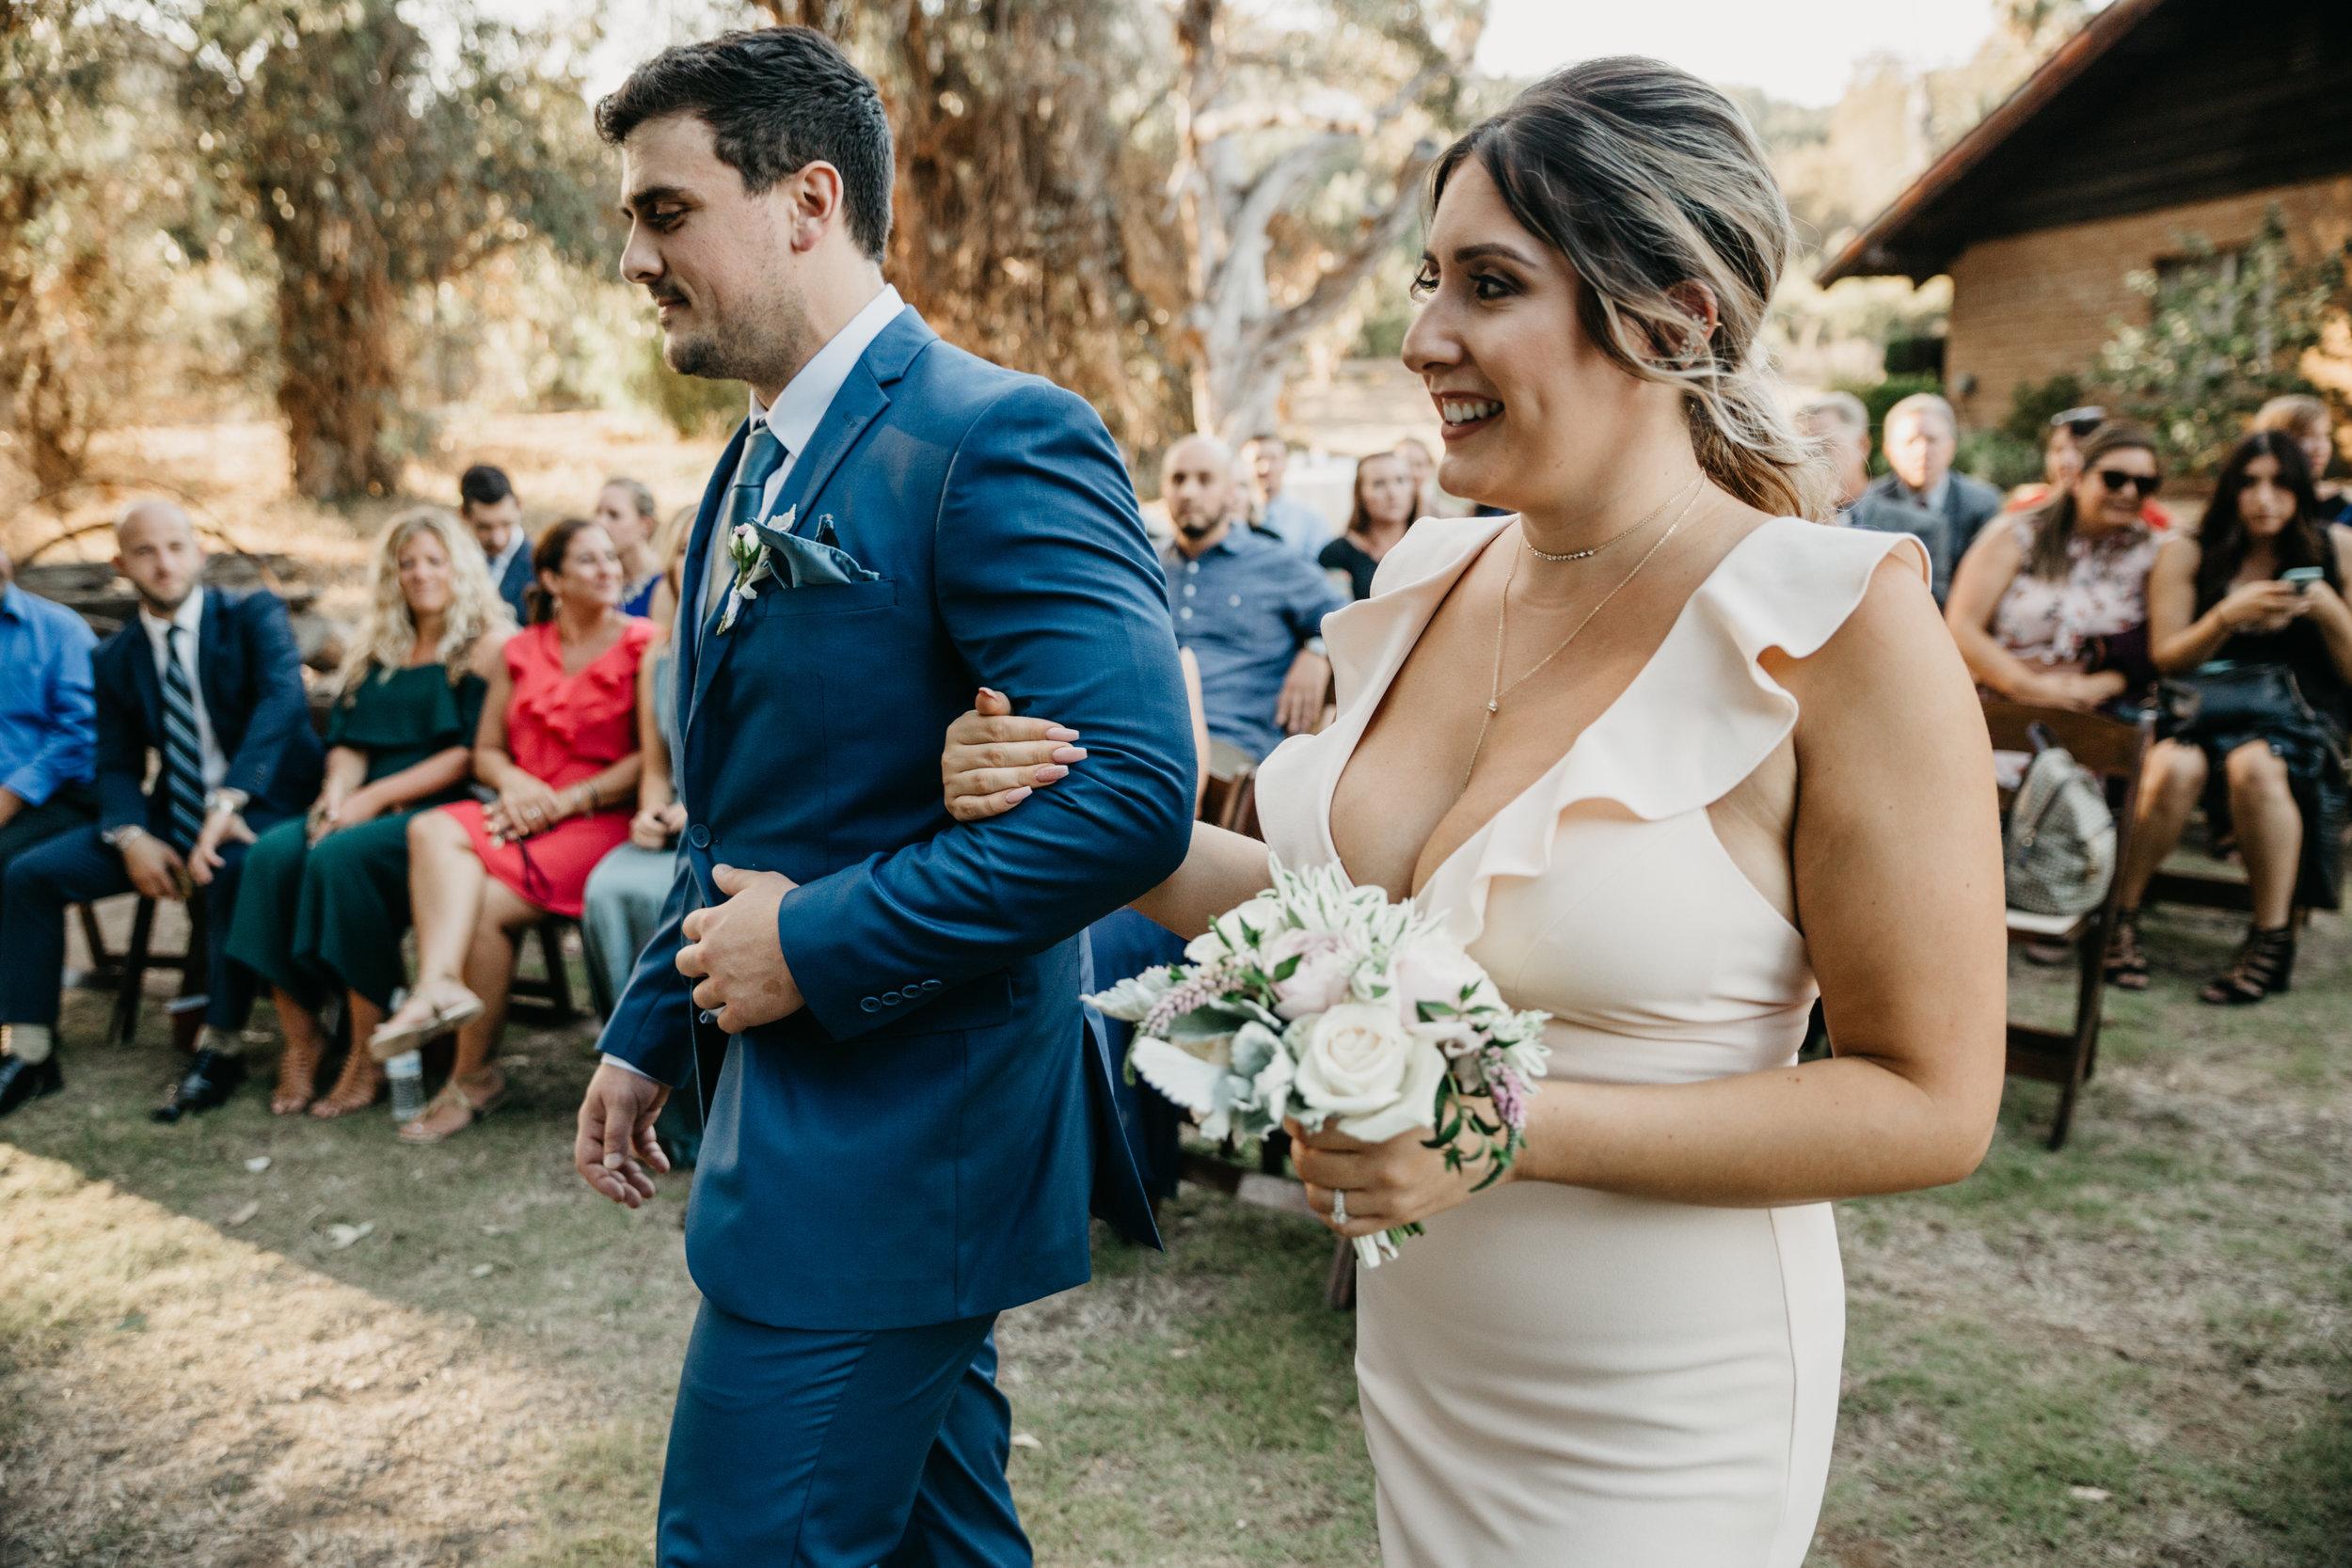 DianaLakePhoto-L+M-San-Diego-Wedding-Ceremony34.jpg